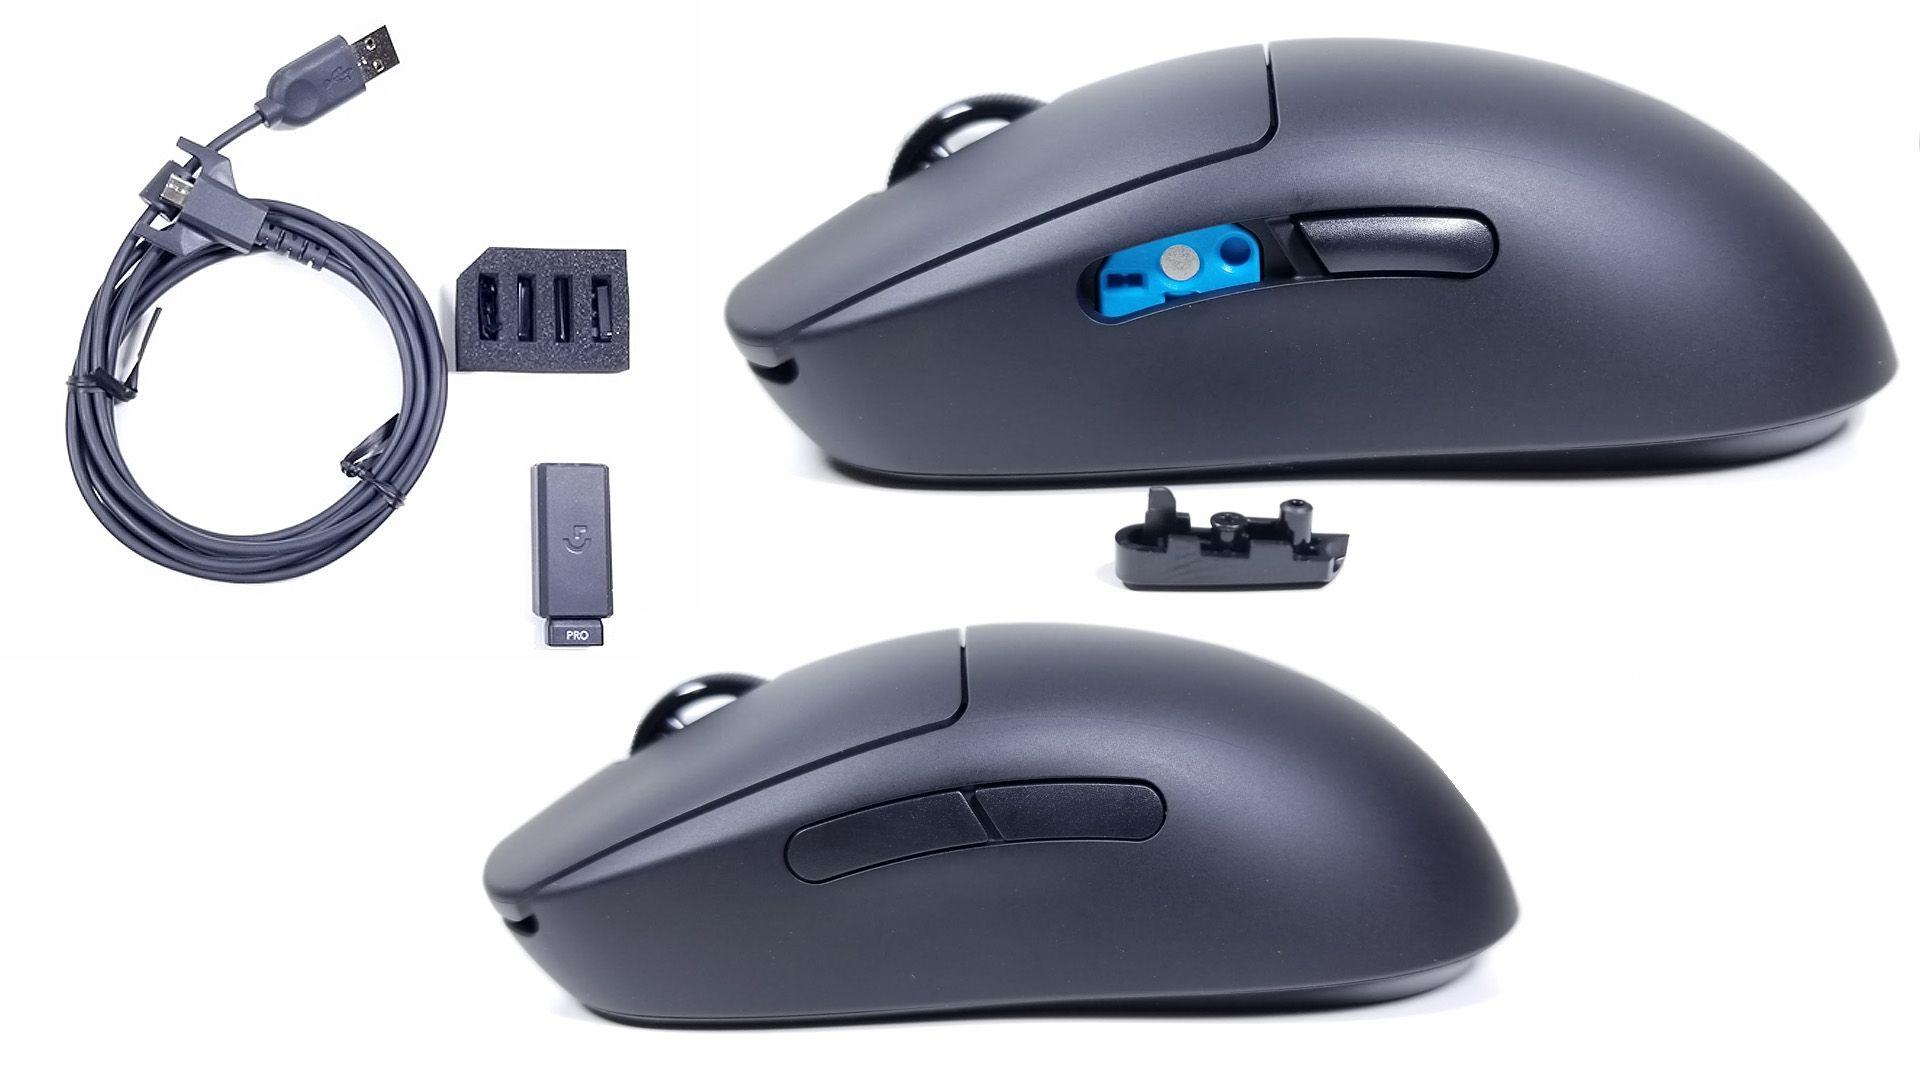 Logitech G Pro Wireless: FPS Wireless Mouse?